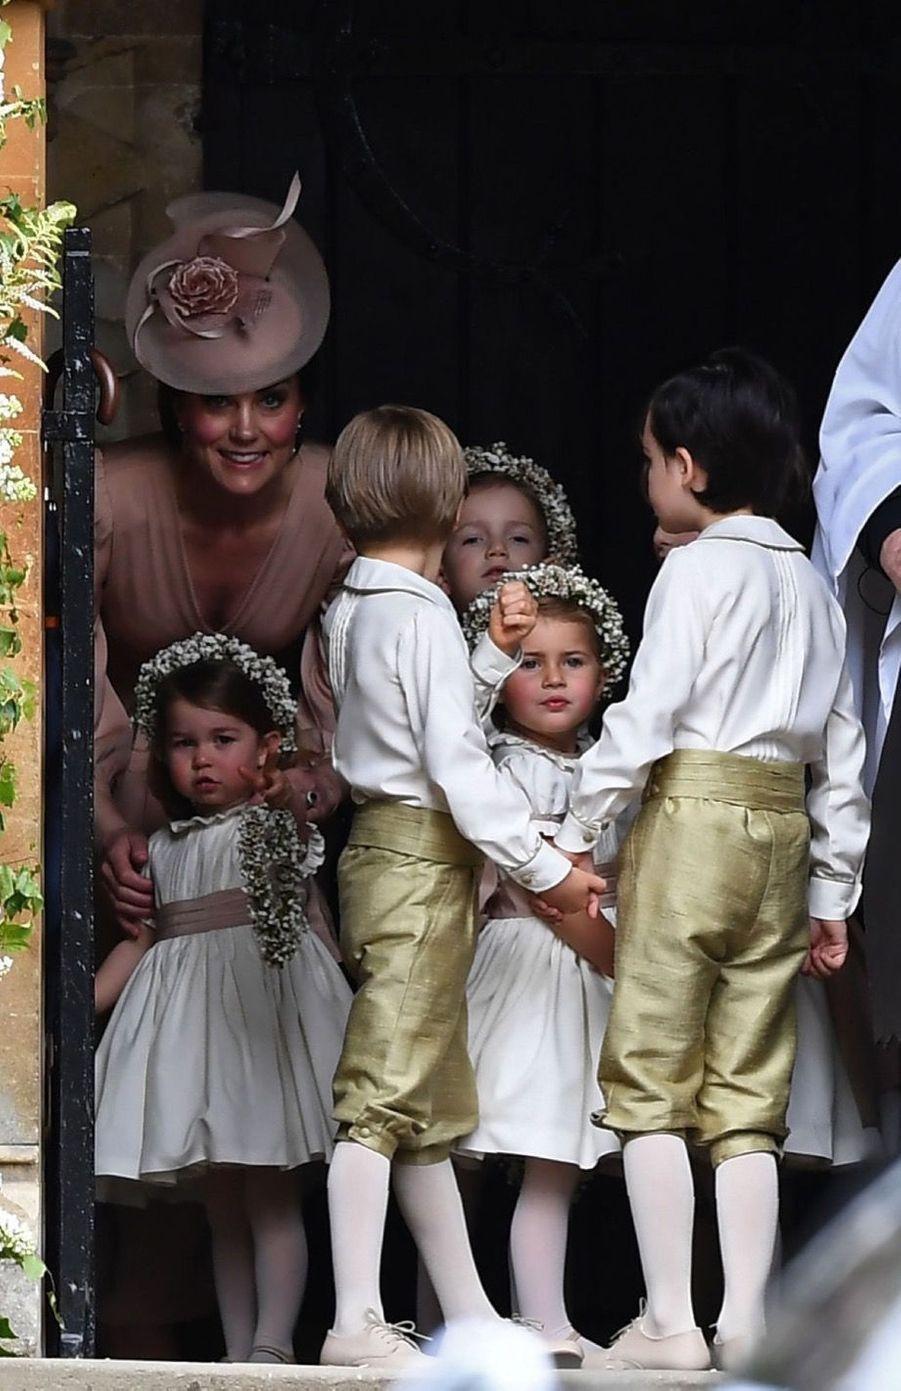 Le Prince George Et La Princesse Charlotte Regardent Leur Tante Pippa Middleton Arriver Pour Son Mariage 4